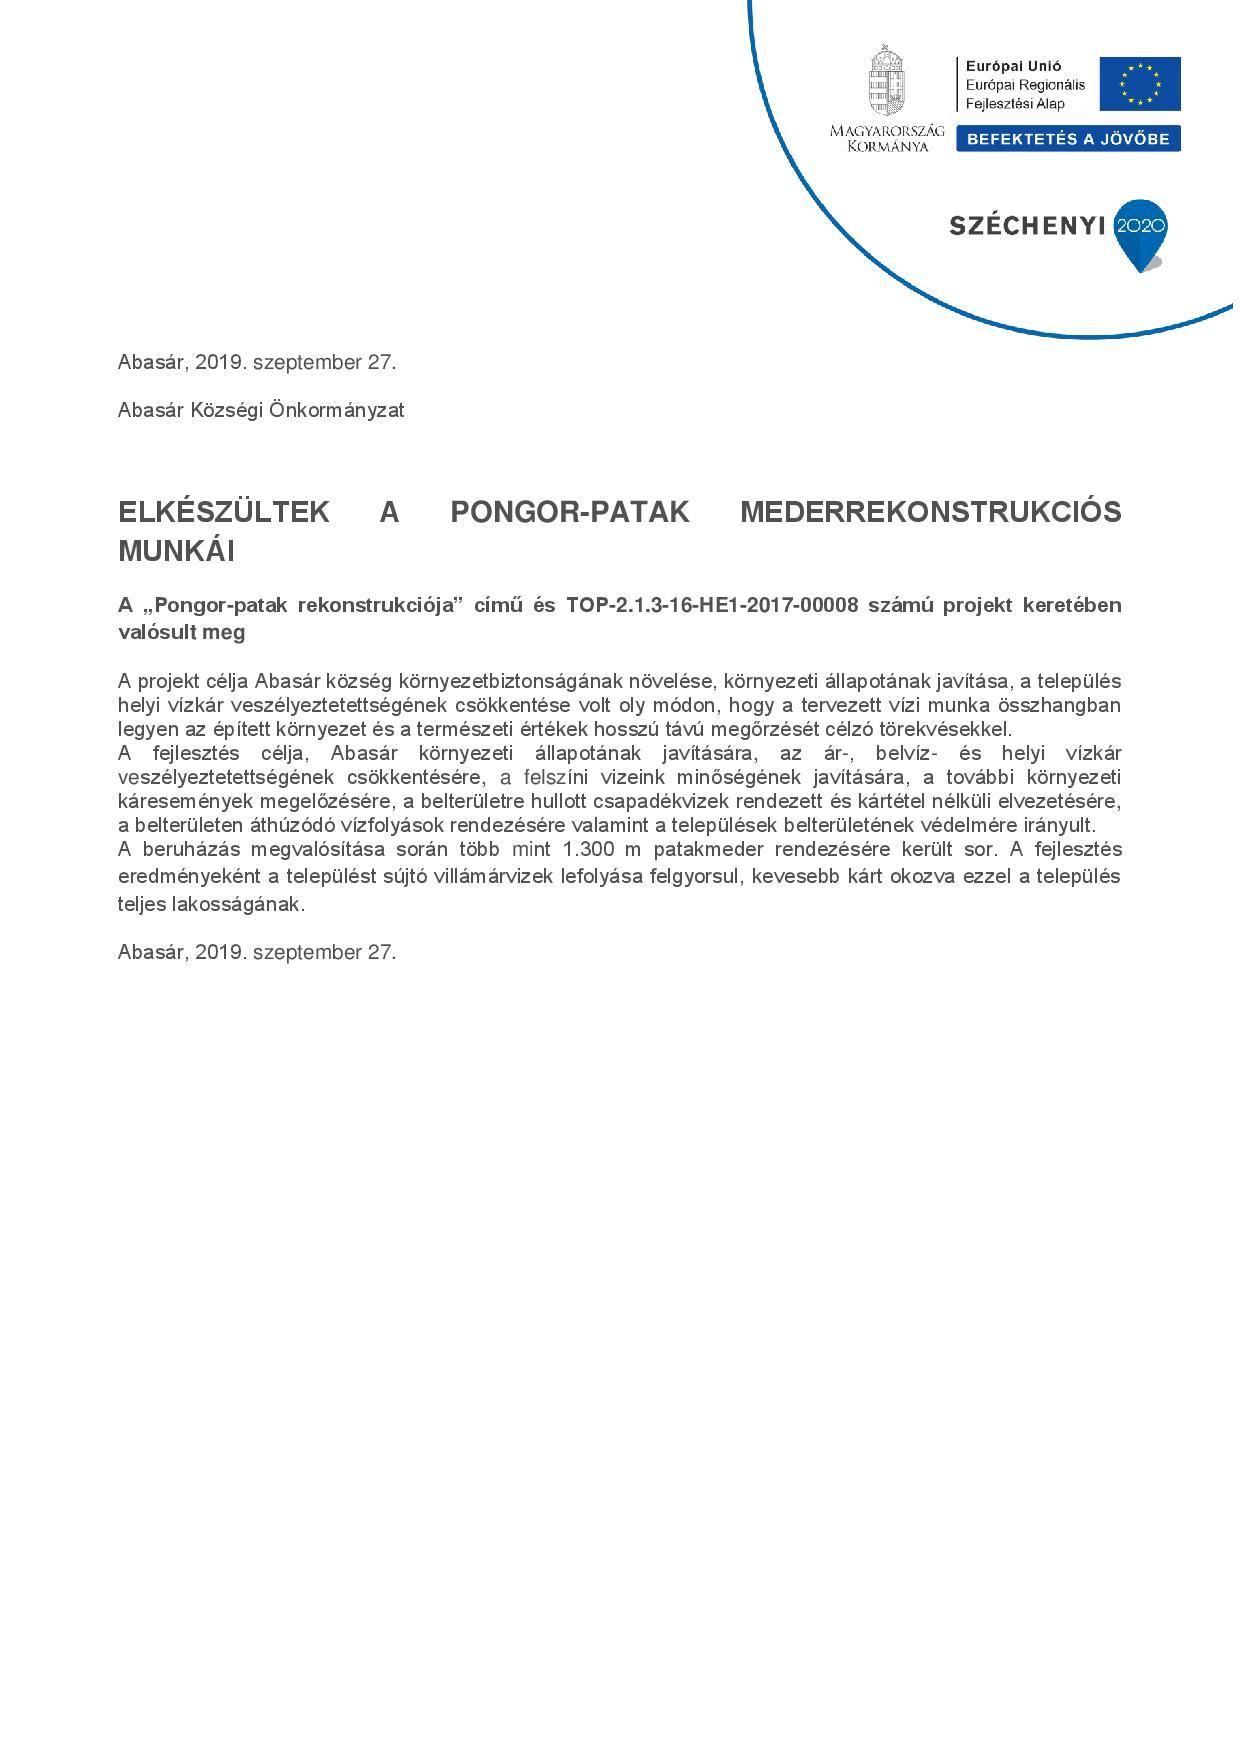 ELKÉSZÜLTEK A PONGOR-PATAK MEDERREKONSTRUKCIÓS MUNKÁI